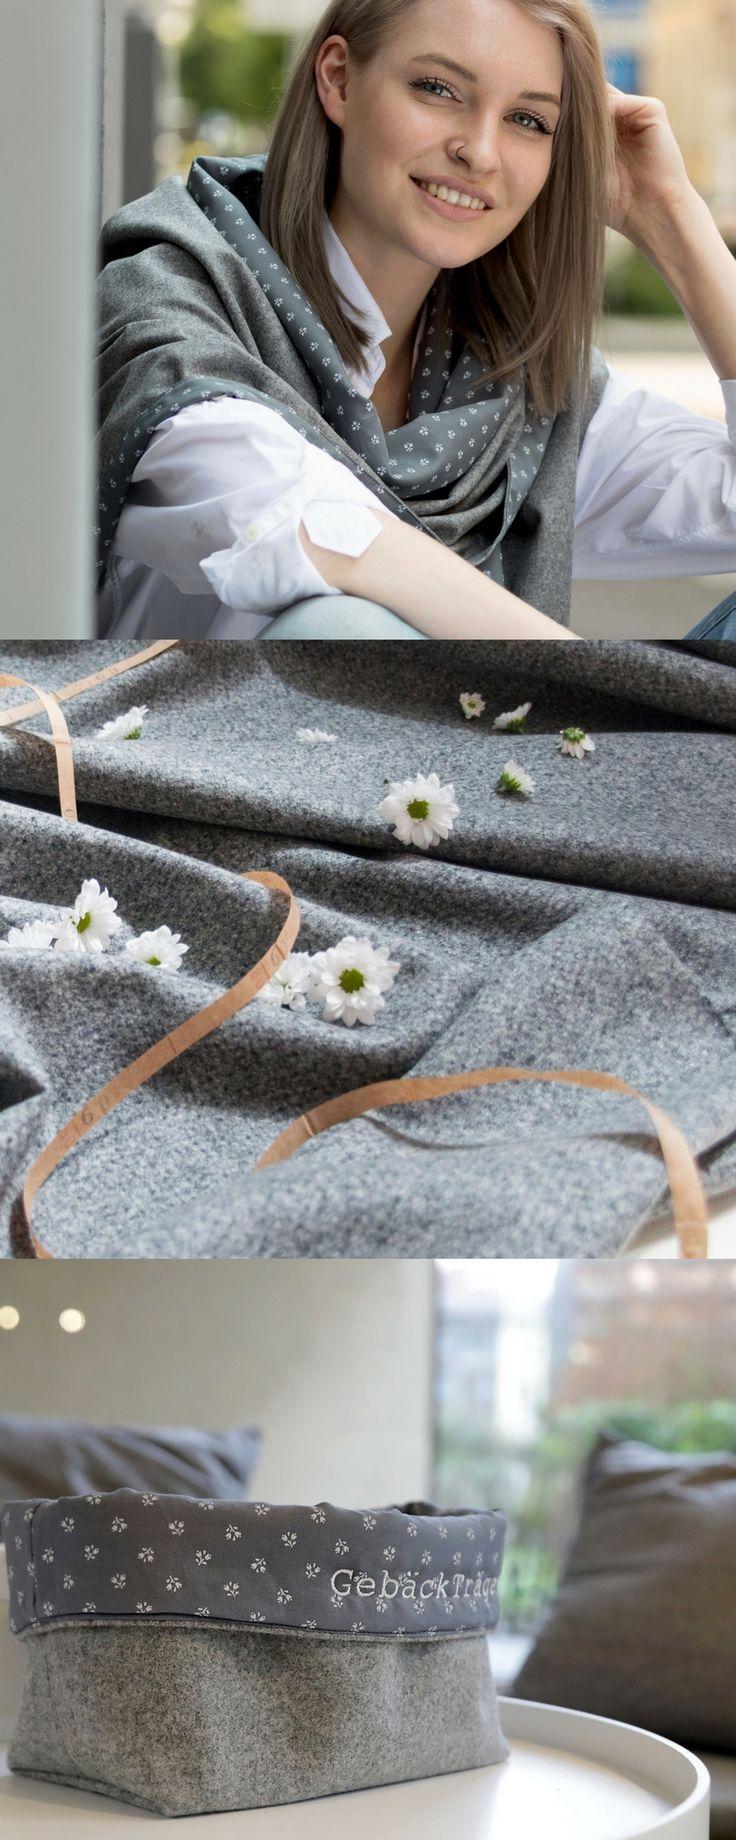 die besten 25 brotkorb stoff ideen auf pinterest stoff korb anleitung jutetasche und tasche. Black Bedroom Furniture Sets. Home Design Ideas